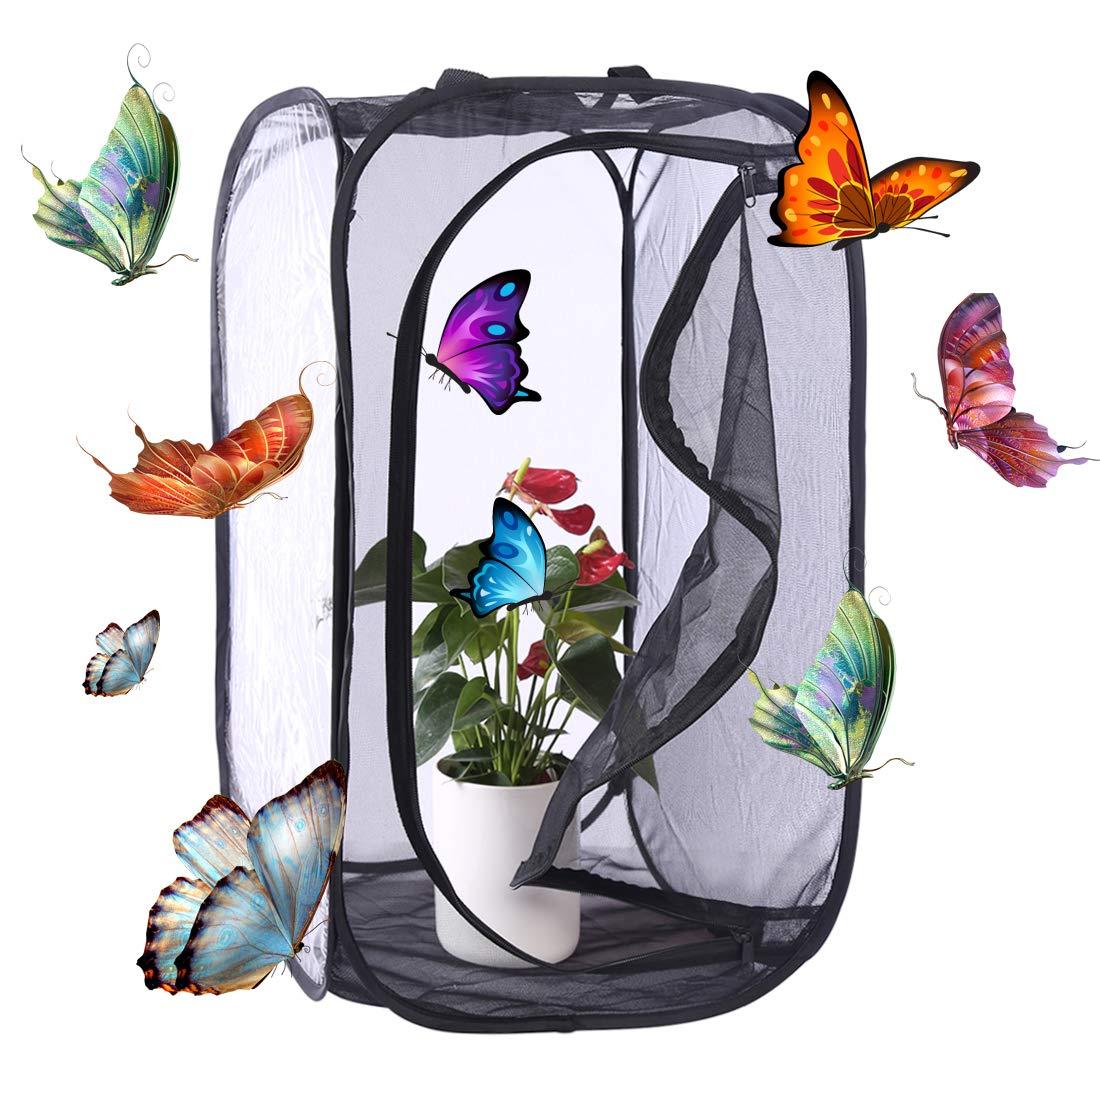 Forweilai - Casette per farfalle - Insetti Habitat Gabbia Repellente - size Large (Nero)